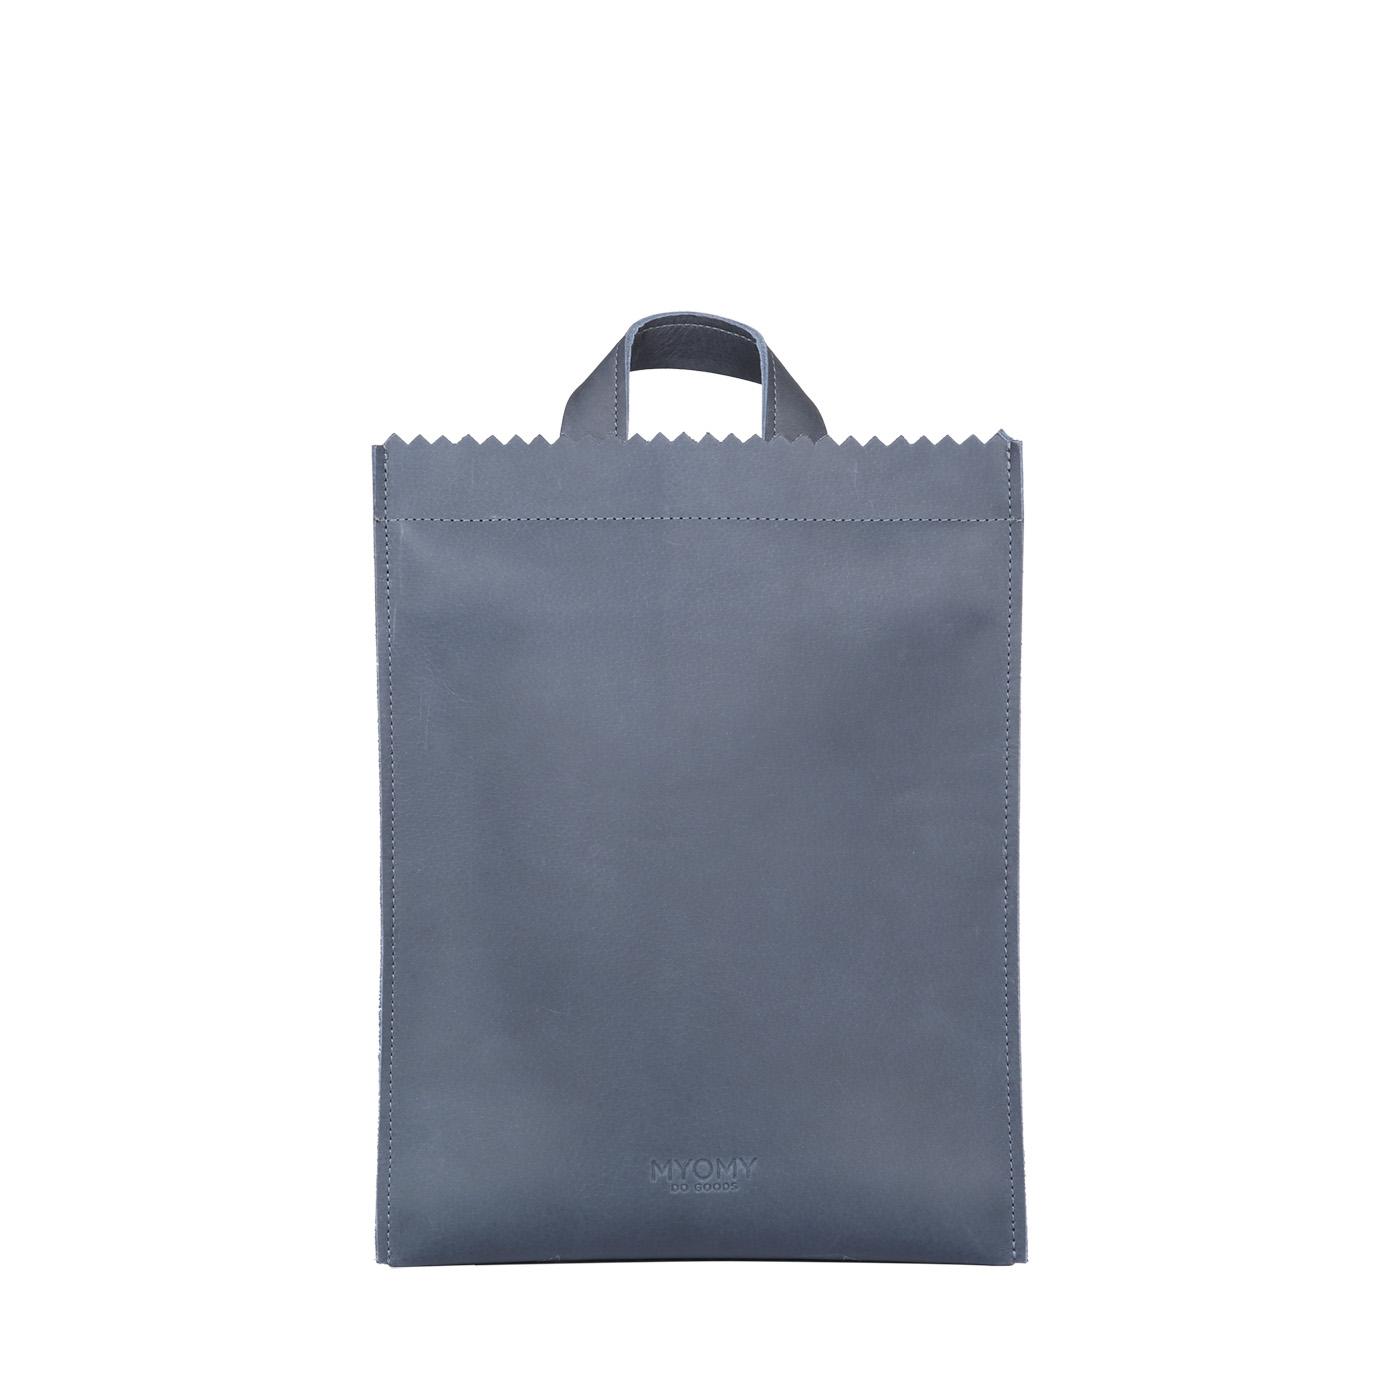 MY PAPER BAG Backbag medium - hunter navy blue